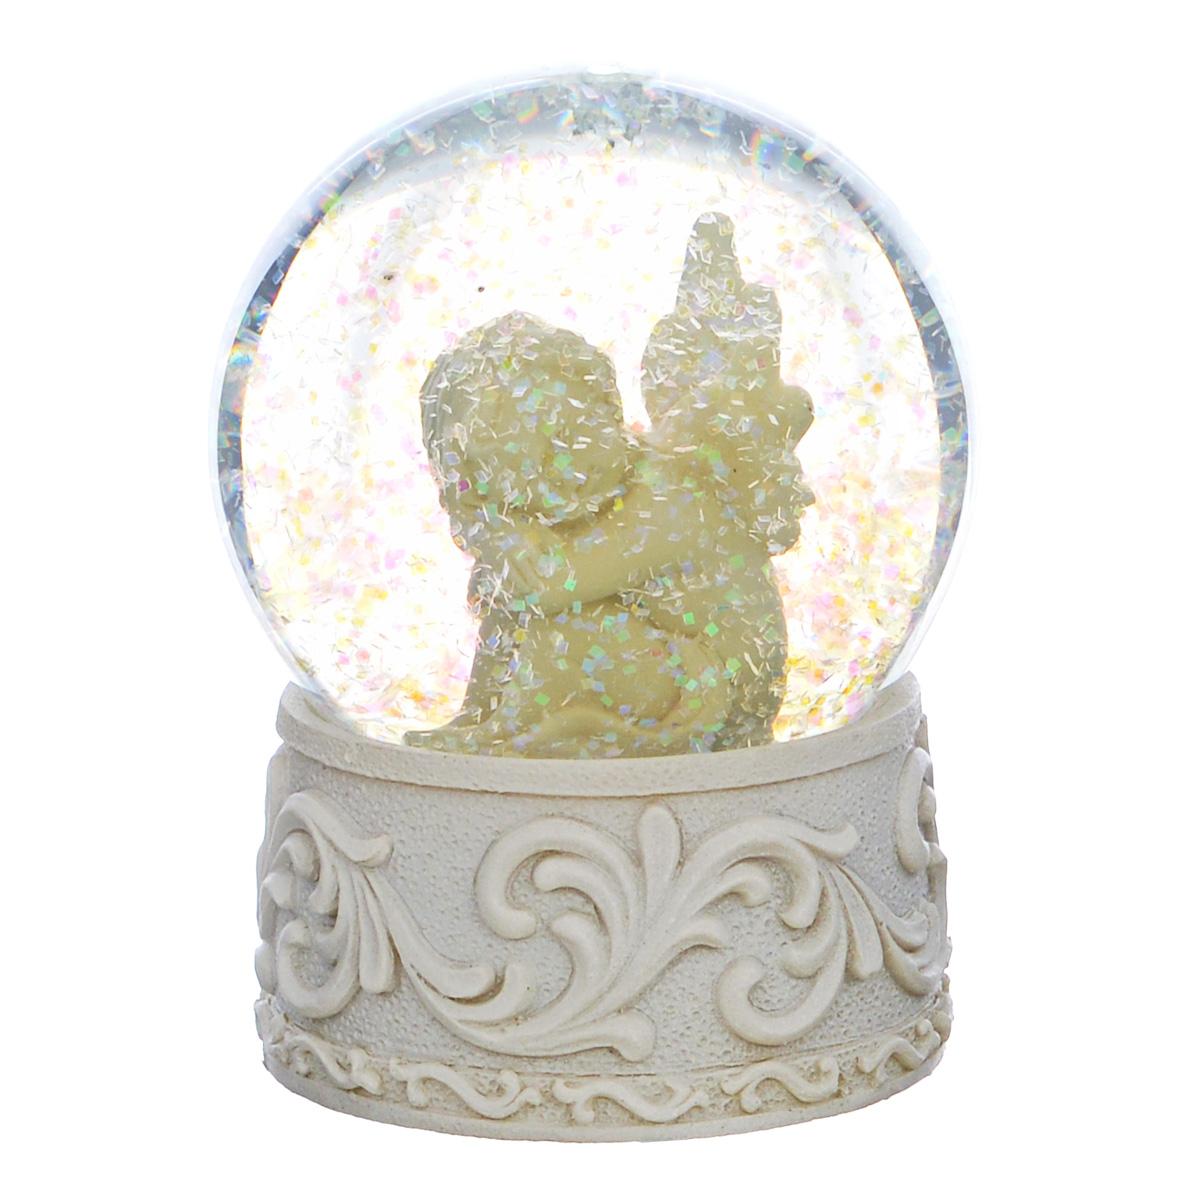 Водяной шар Ангел, высота 9 см36683Водяной шар Ангел представляет собой стеклянный шар с фигуркой ангела внутри. Шар наполнен нетоксичной прозрачной жидкостью с блестками и установлен на подставку из полирезины, украшенную изящным рельефом. Водяной шар - классический вариант сувенира, который придется по душе каждому.